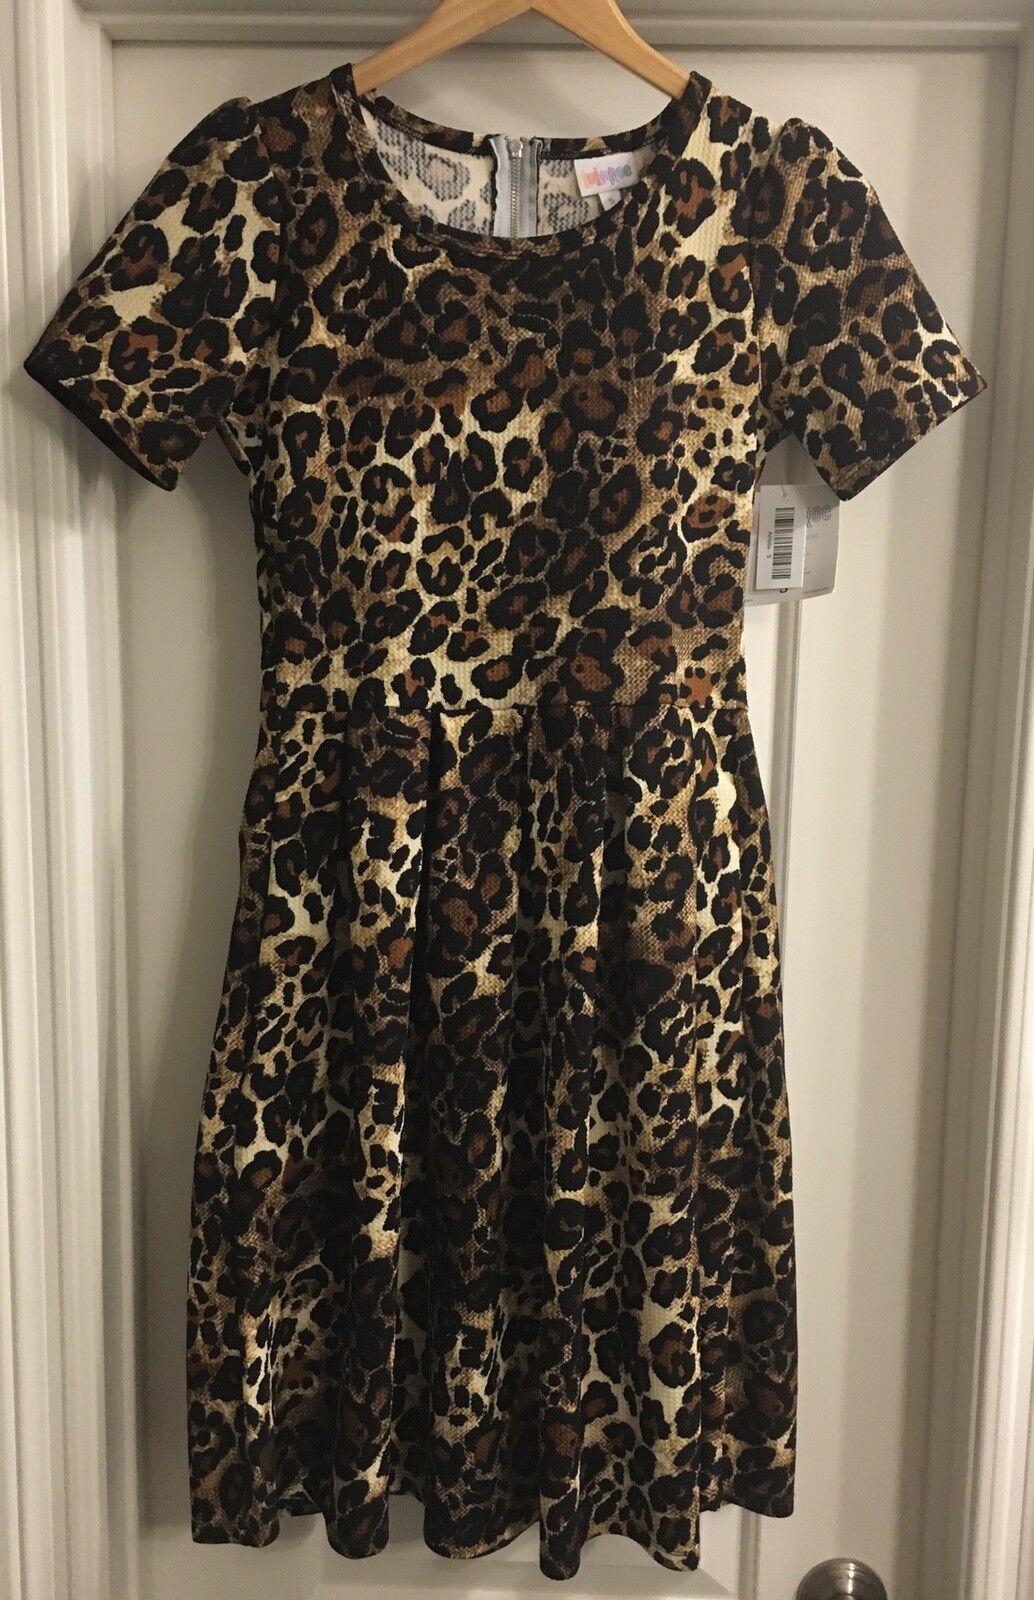 Lularoe LLR vintage Amelia robe petit Leopard Cheetah schwarz braun tan Neuf avec étiquettes